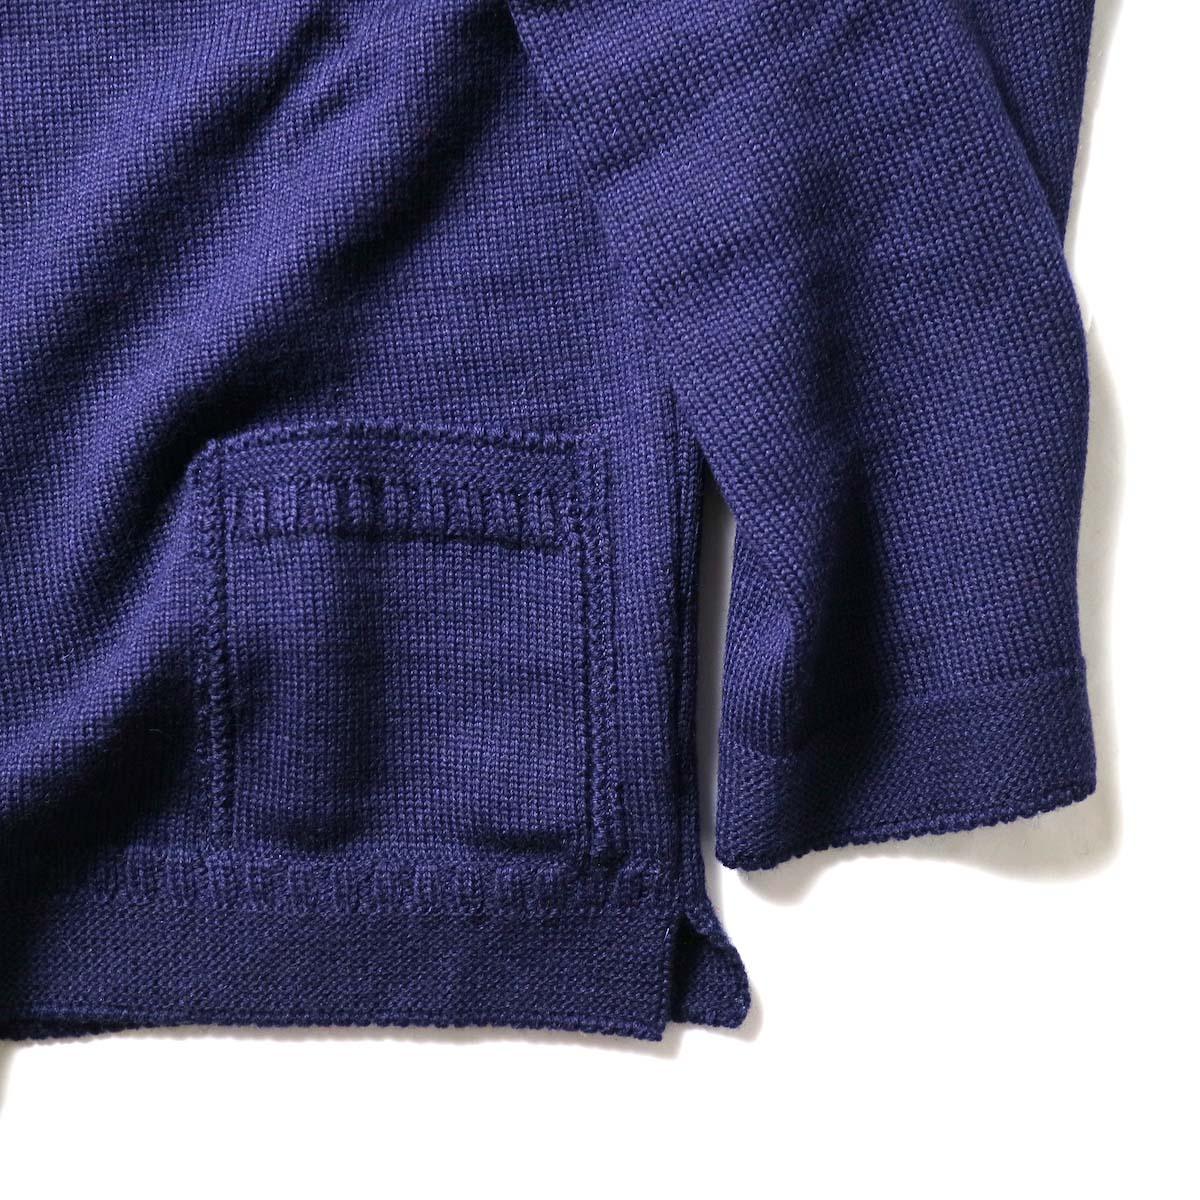 Guernsey Woollens / Reveaux (Navy)袖、裾